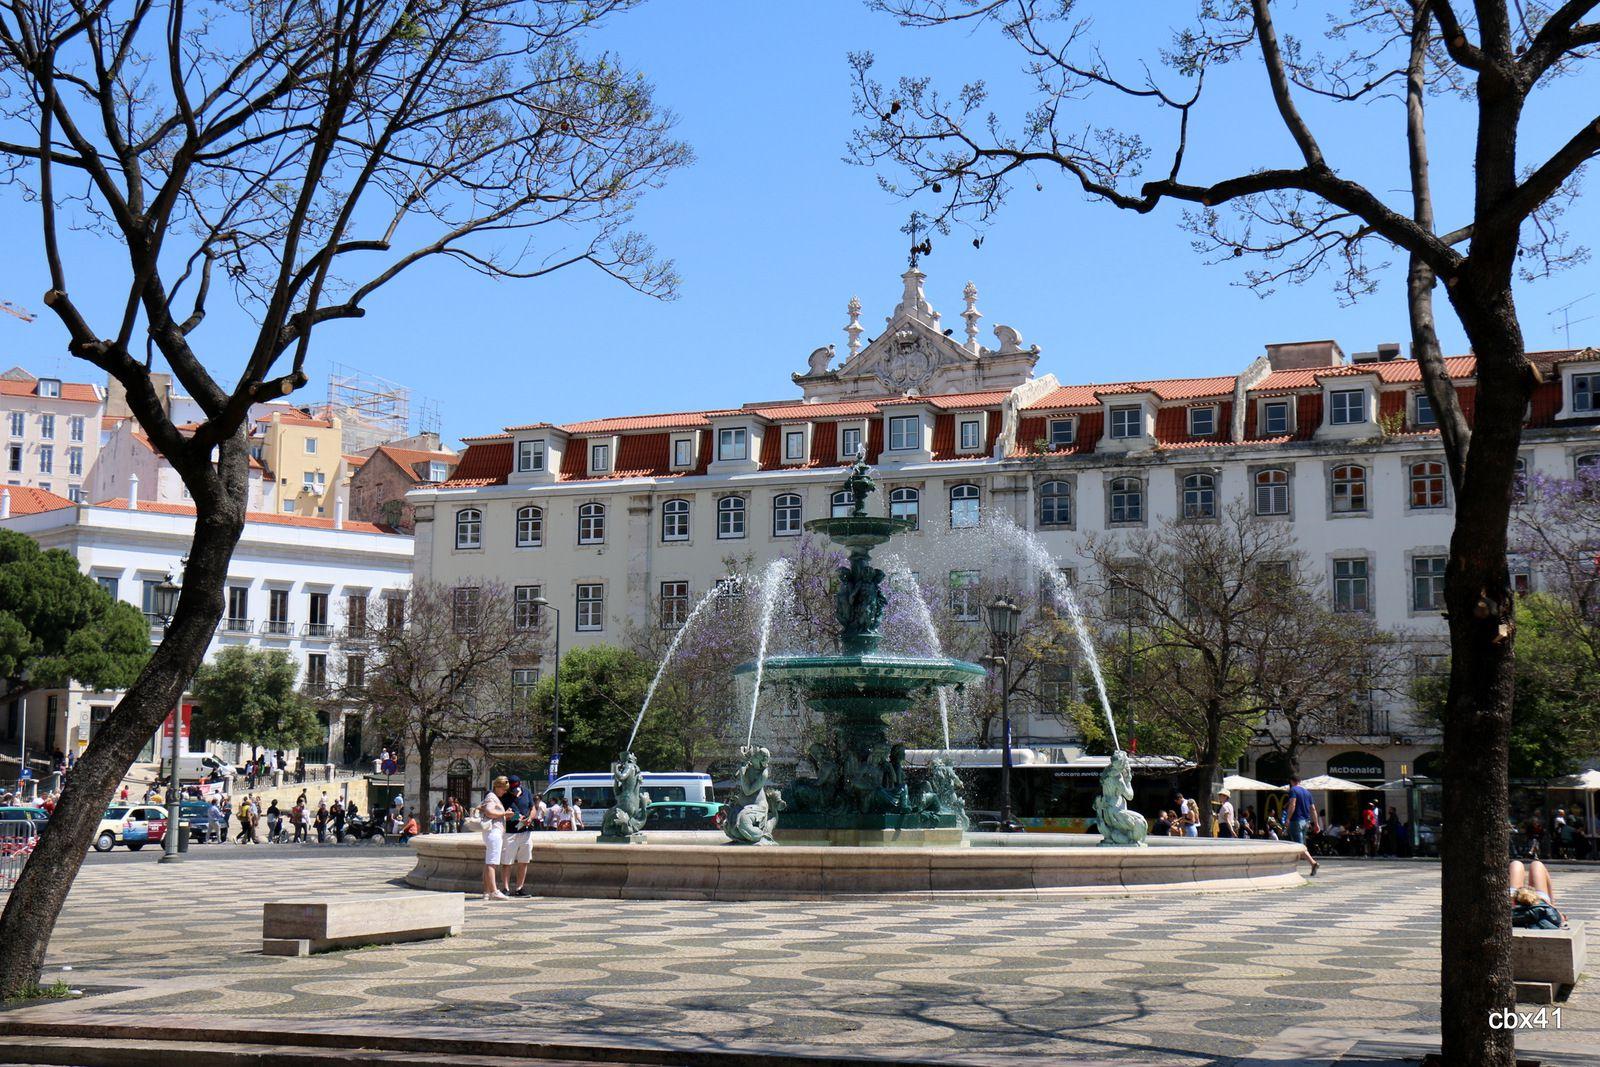 Fontaine (en eau) de la place Dom Pedro IV, Lisbonne (Portugal)